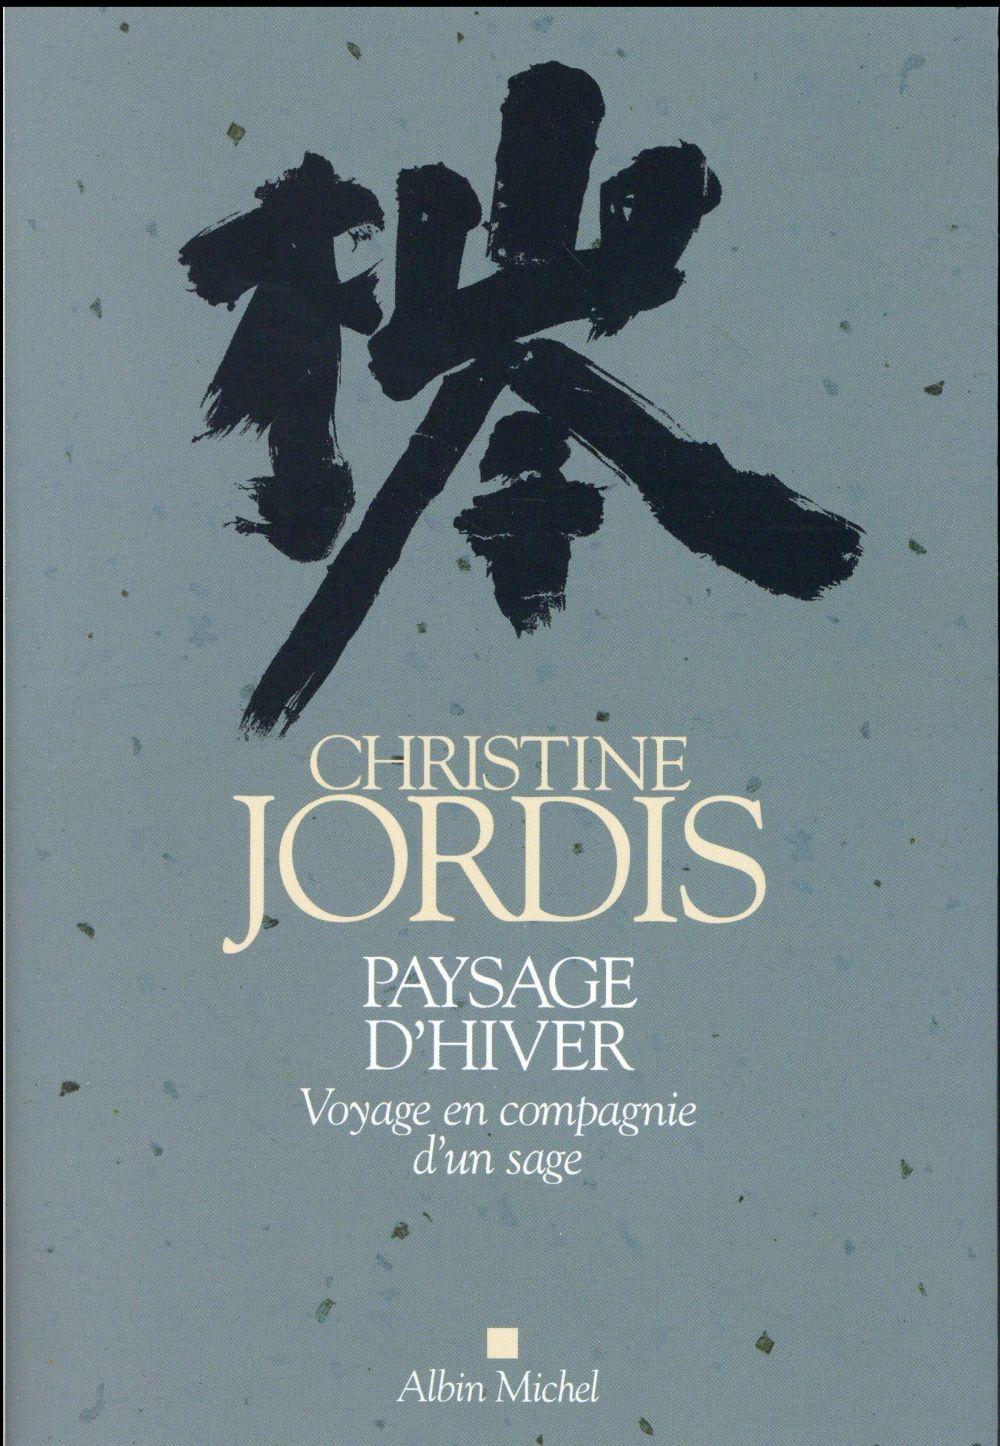 PAYSAGE D'HIVER - VOYAGE EN COMPAGNIE D'UN SAGE